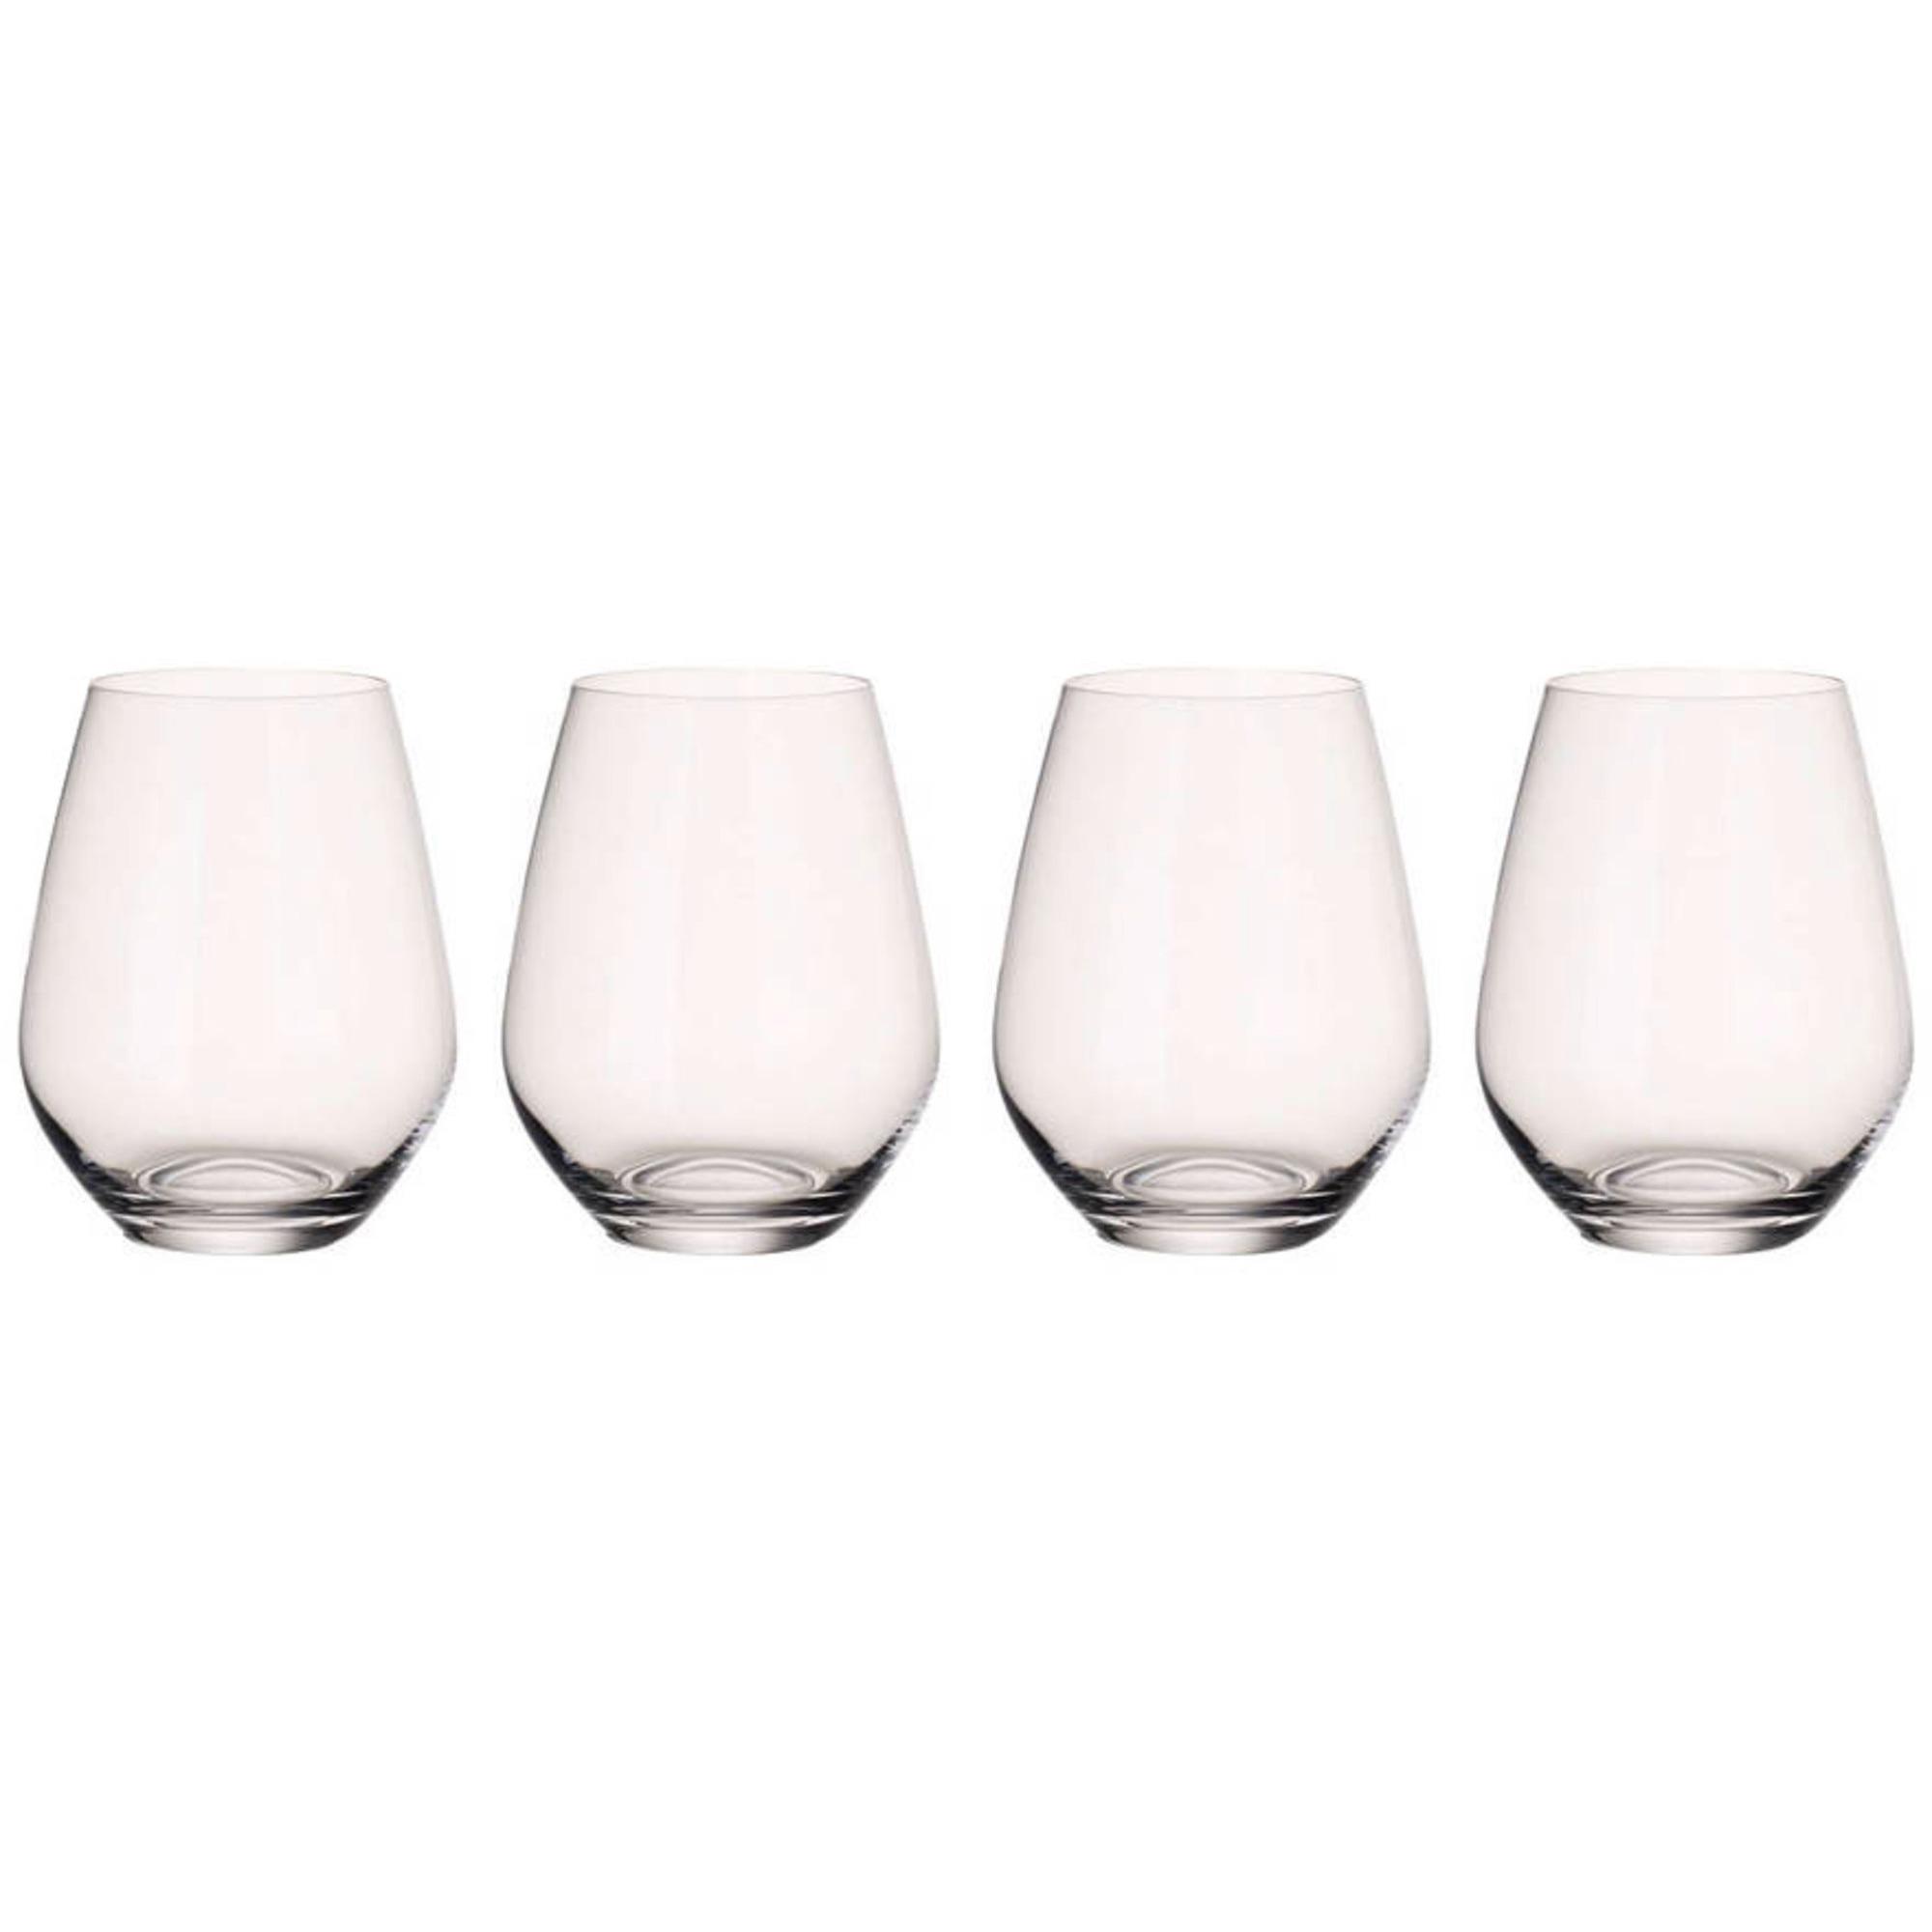 Villeroy & Boch Ovid Vattenglas 4-pack